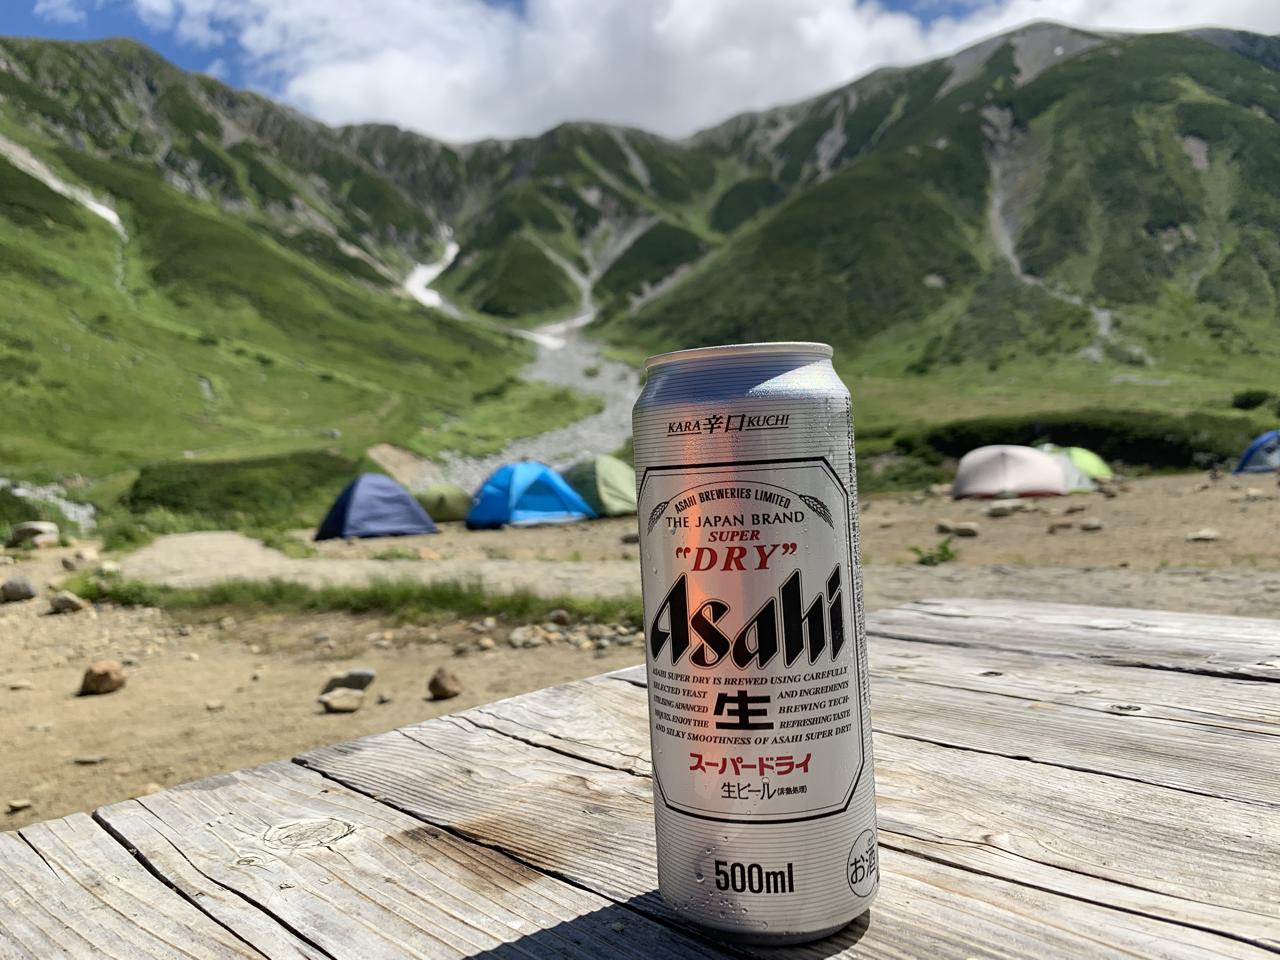 立山とスーパードライ